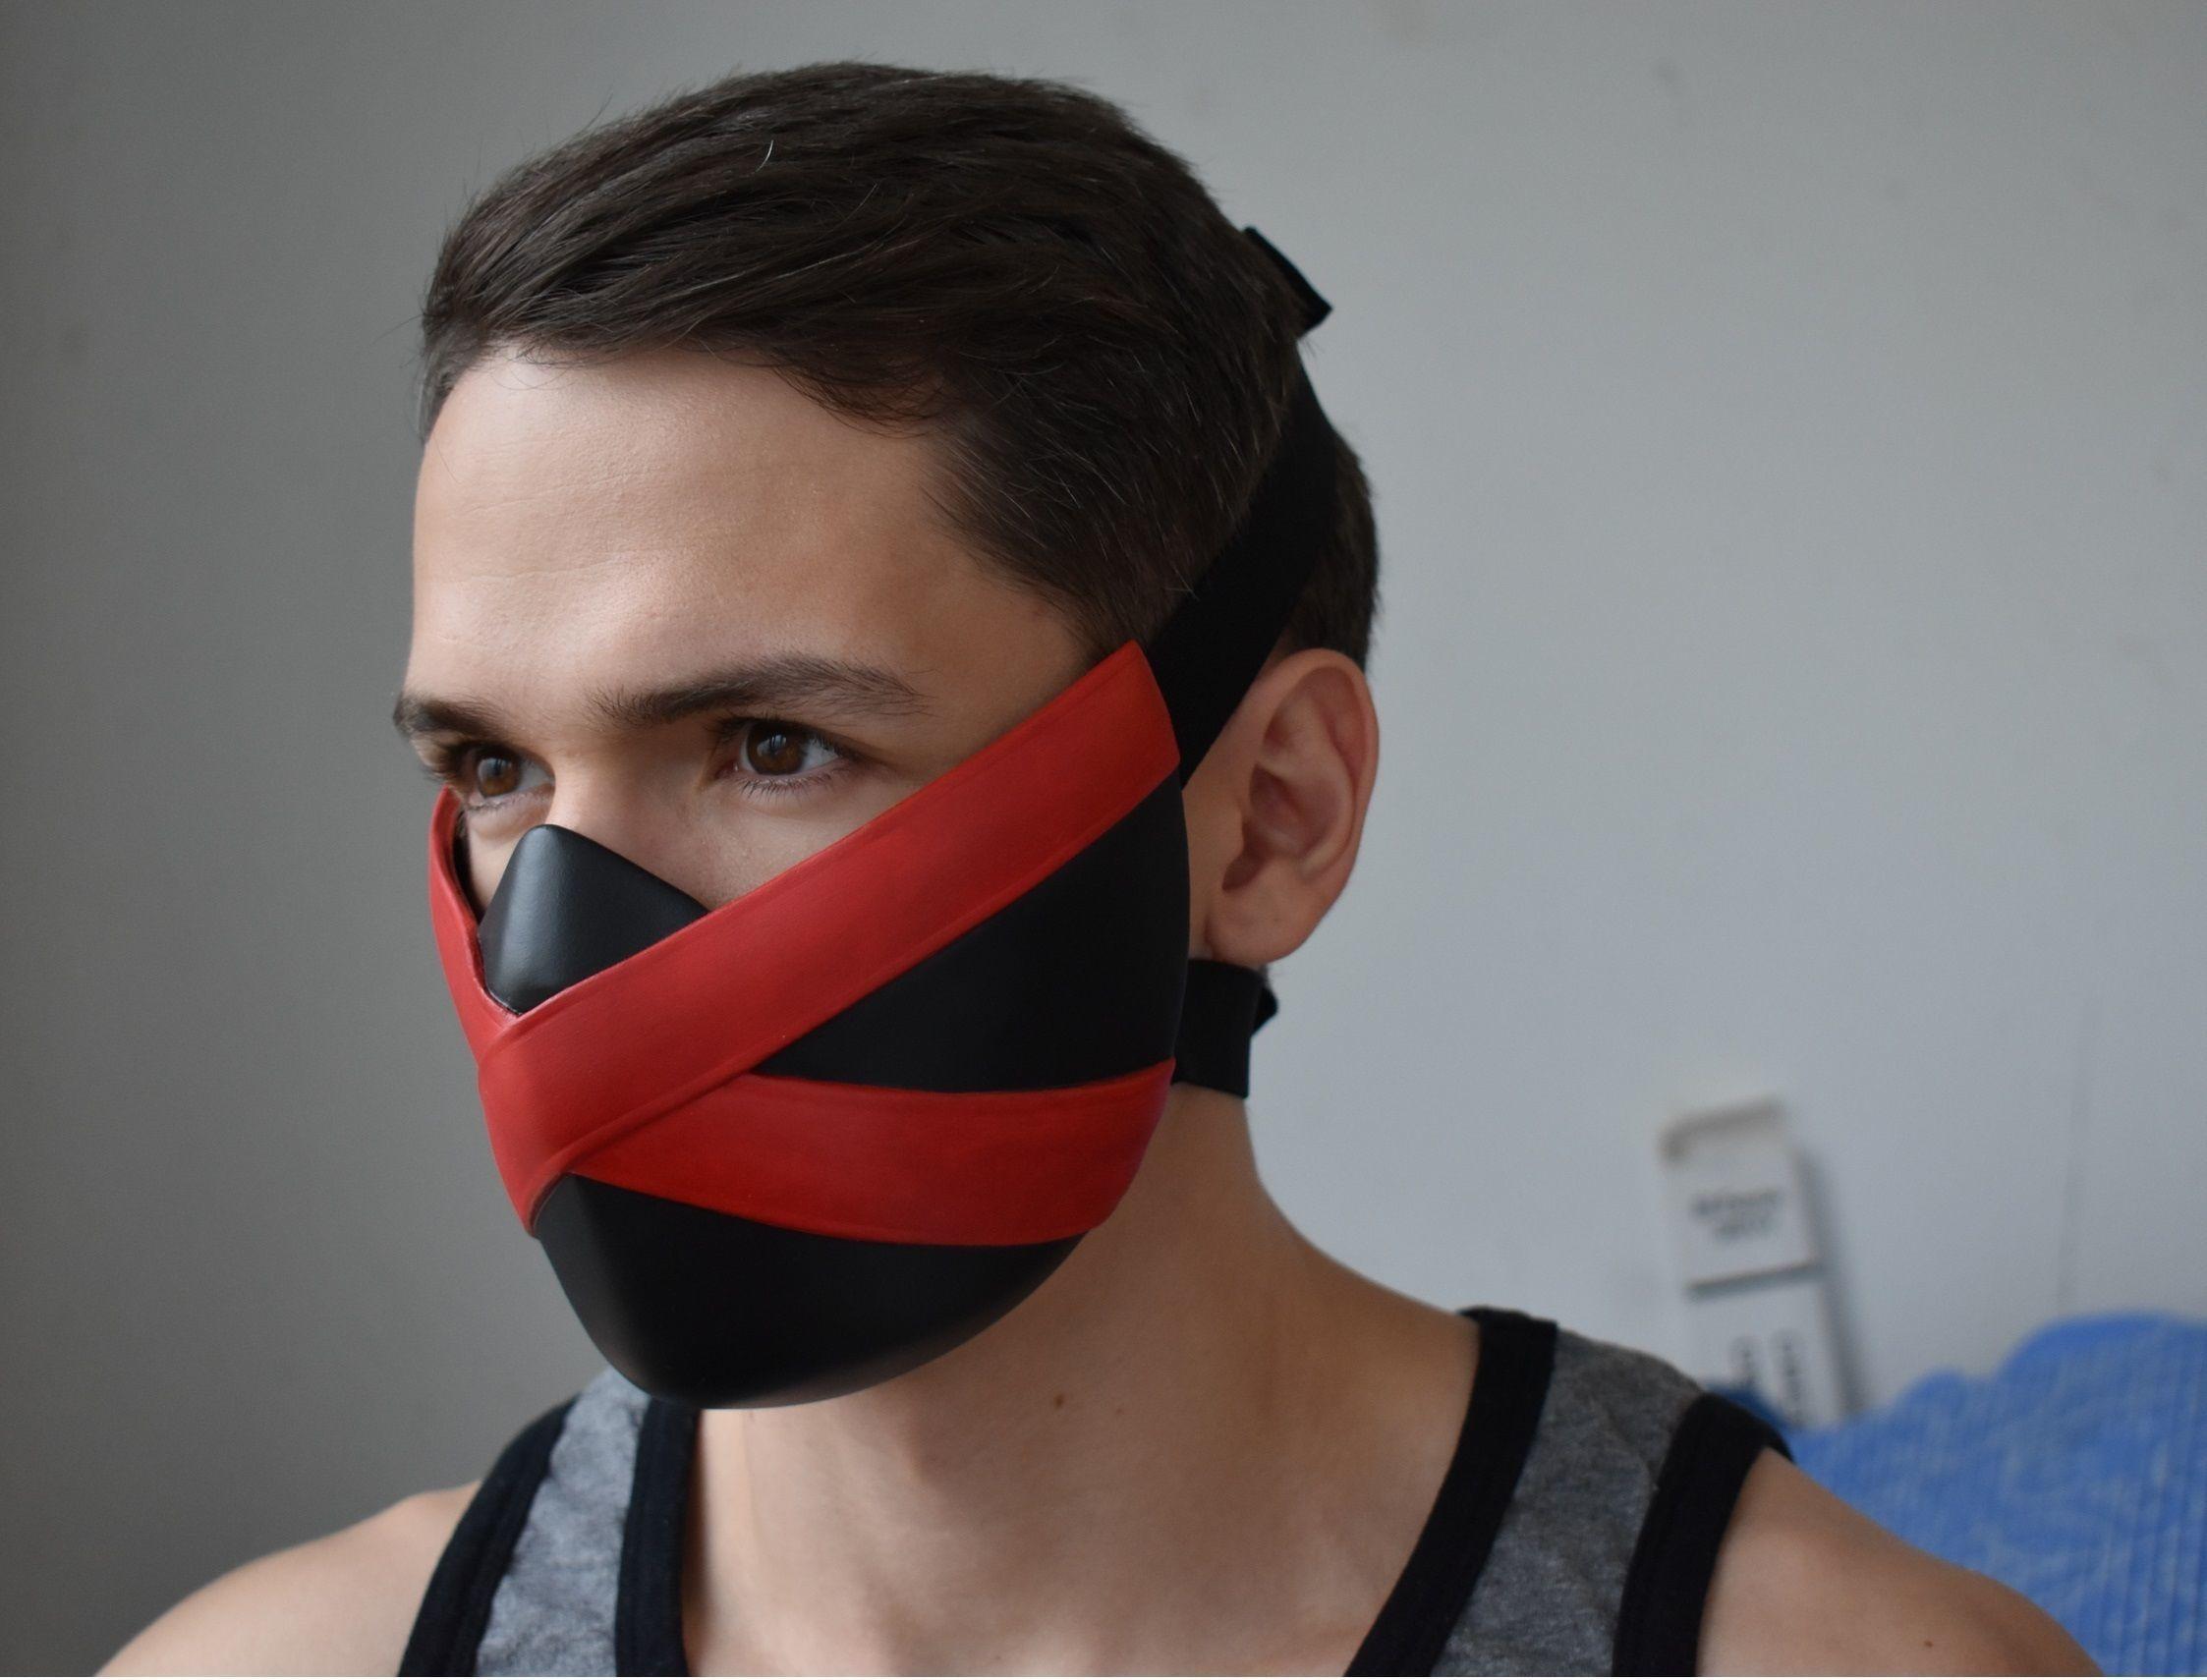 kitana mortal kombat black mask